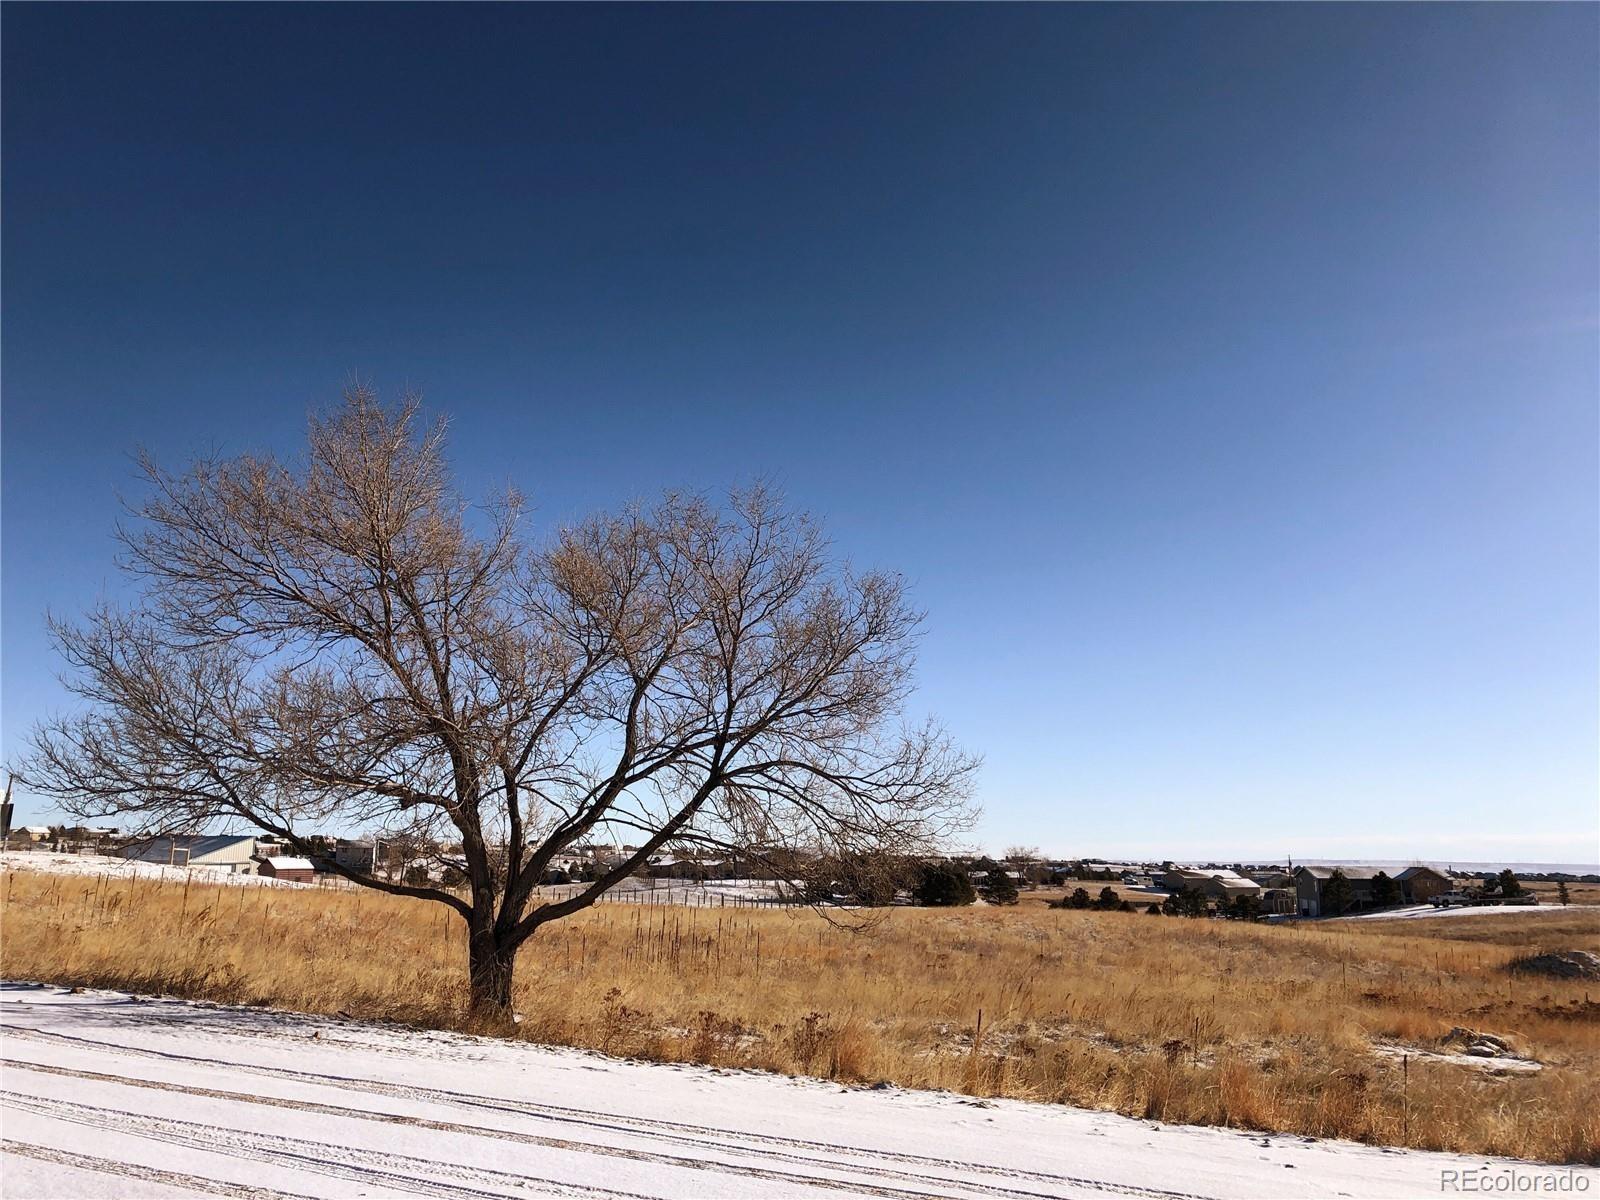 MLS# 6061500 - 1 - Snowbrush Drive, Peyton, CO 80831